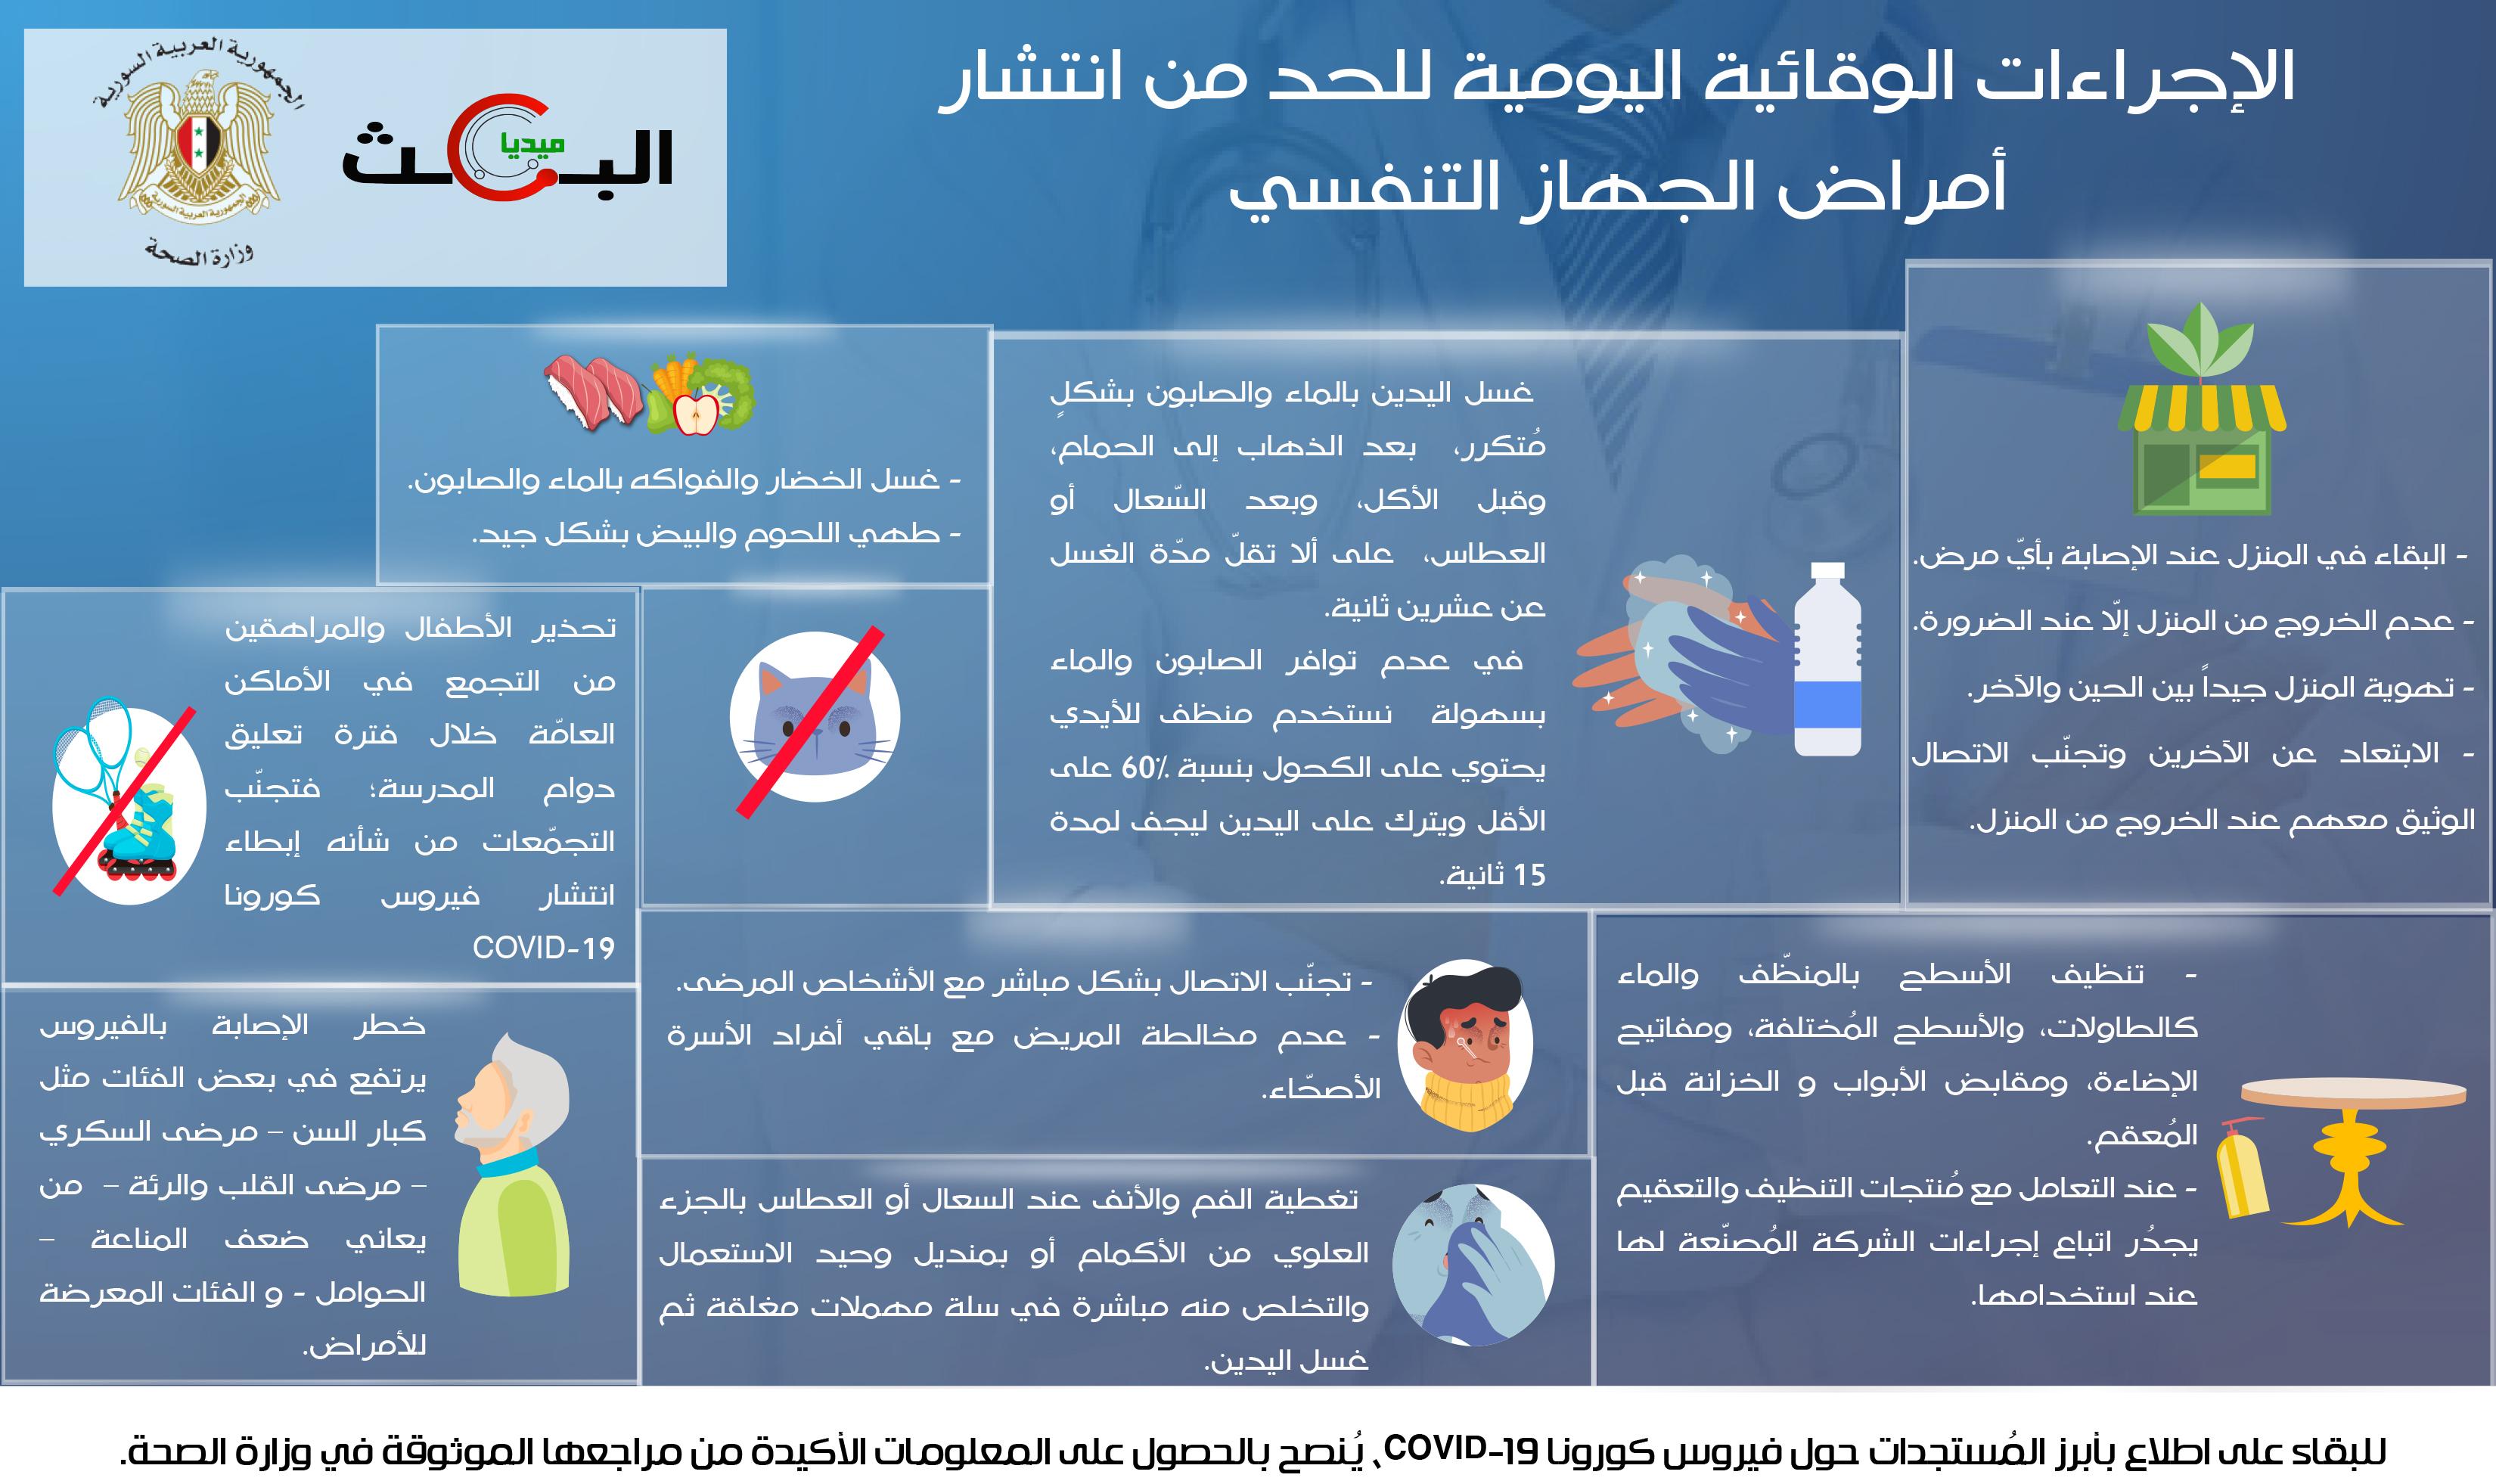 الإجراءات الوقائية للحد من انتشار أمراض الجهاز التنفسي